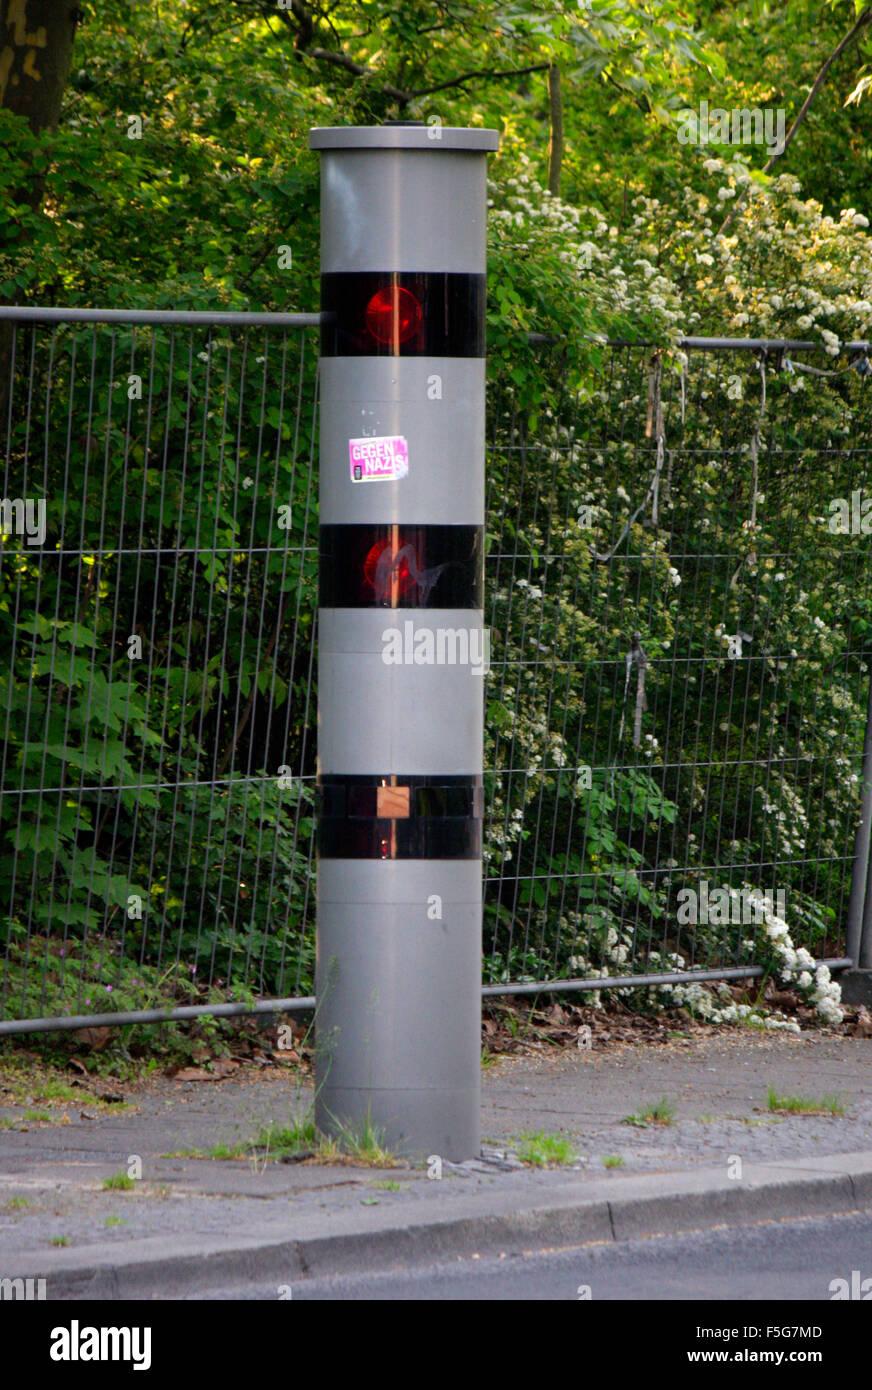 Blitzersaeule, Berlin. - Stock Image